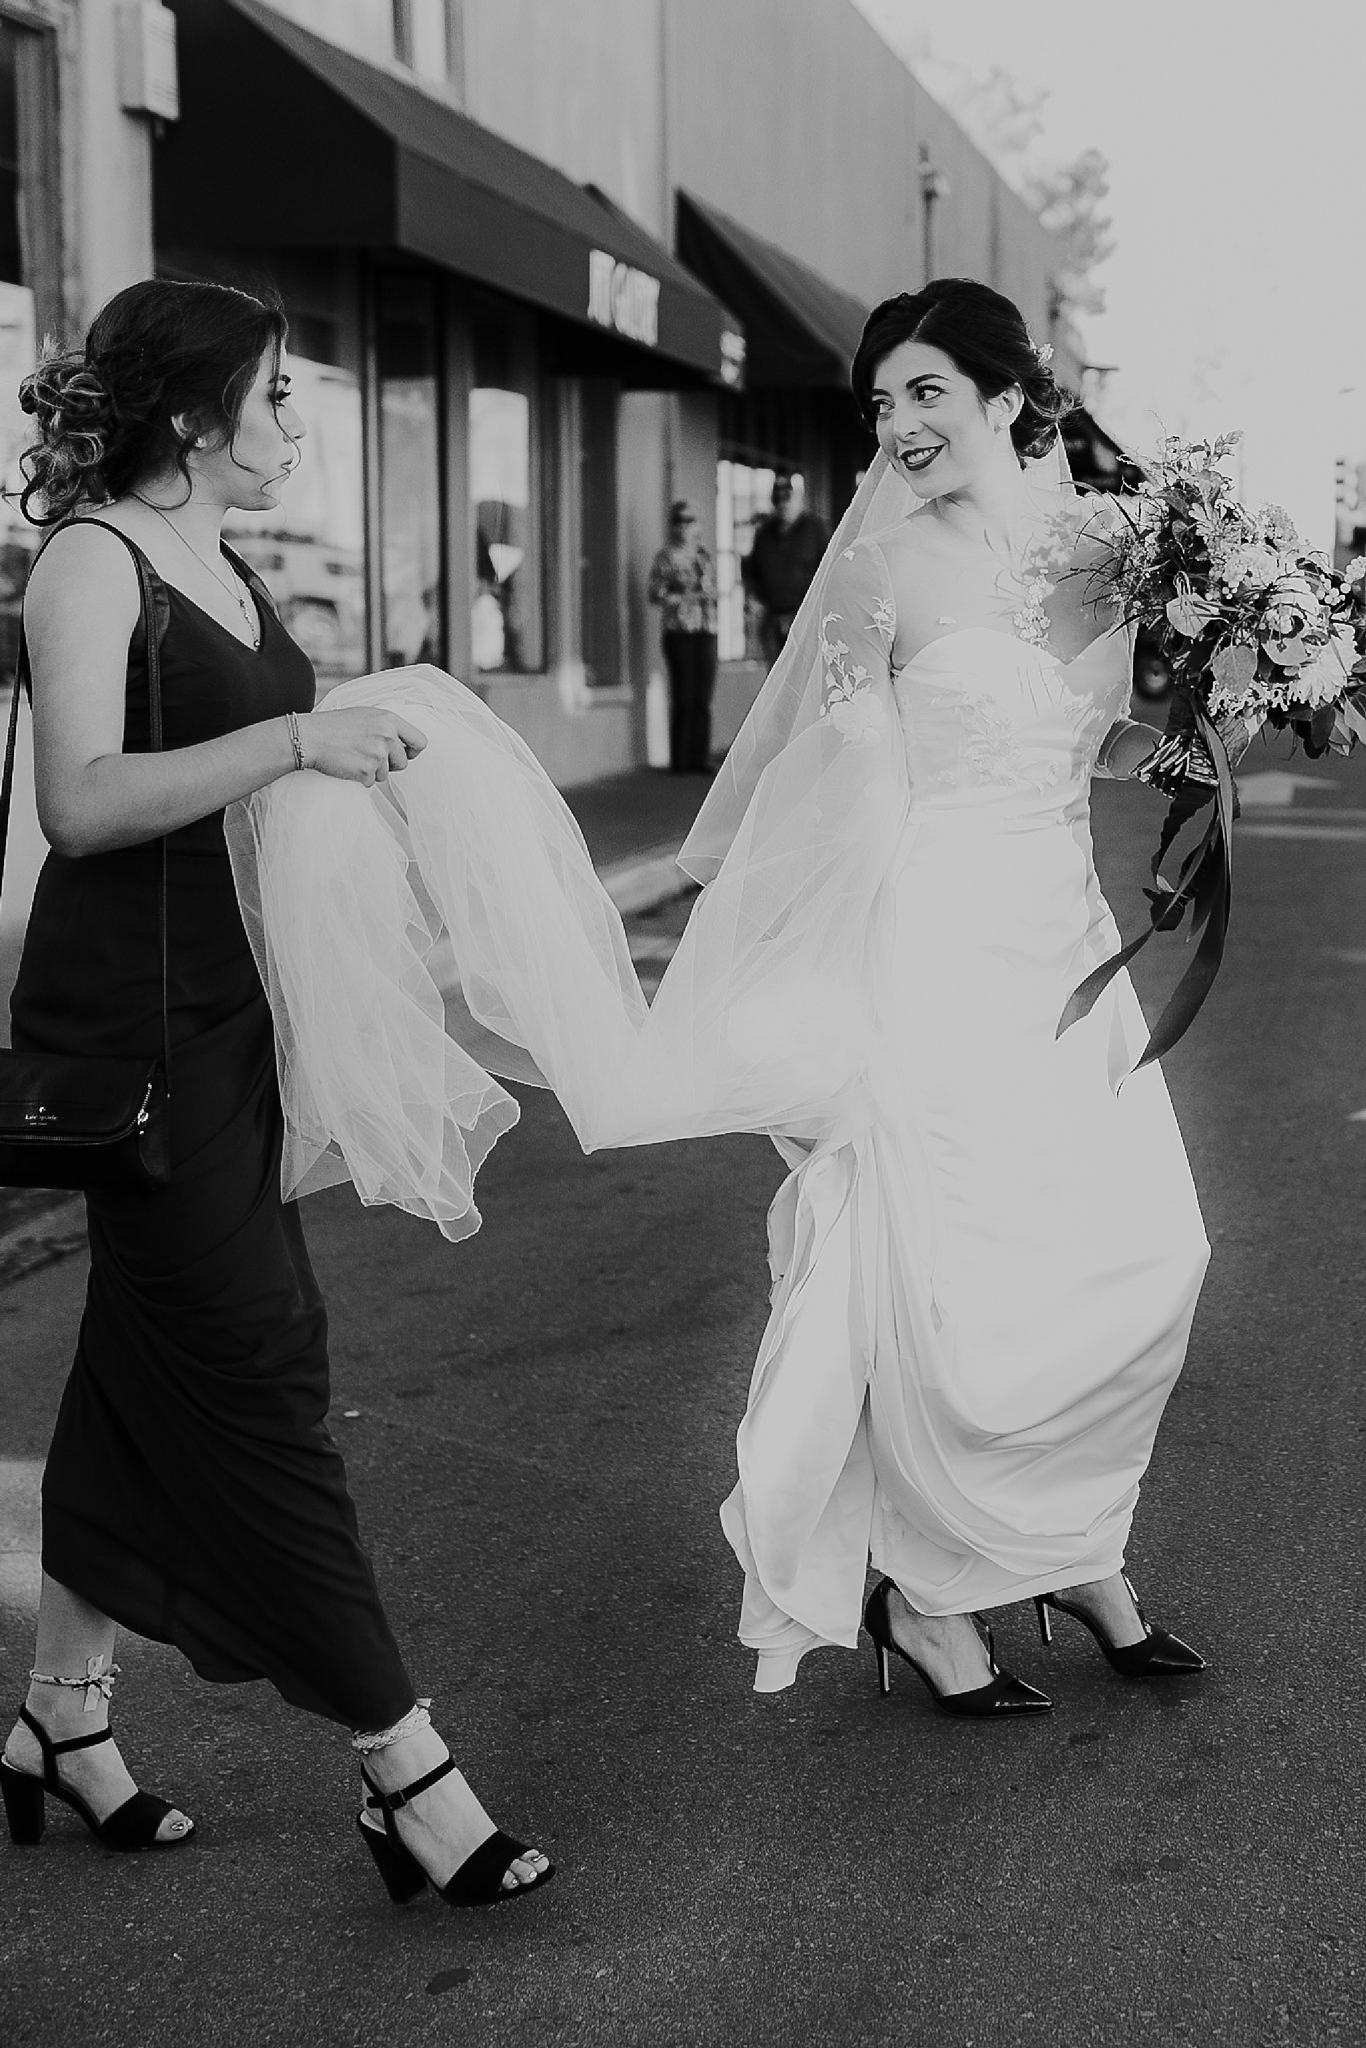 Alicia+lucia+photography+-+albuquerque+wedding+photographer+-+santa+fe+wedding+photography+-+new+mexico+wedding+photographer+-+new+mexico+wedding+-+new+mexico+wedding+-+albuquerque+wedding+-+casa+perea+wedding+-+summer+wedding_0143.jpg